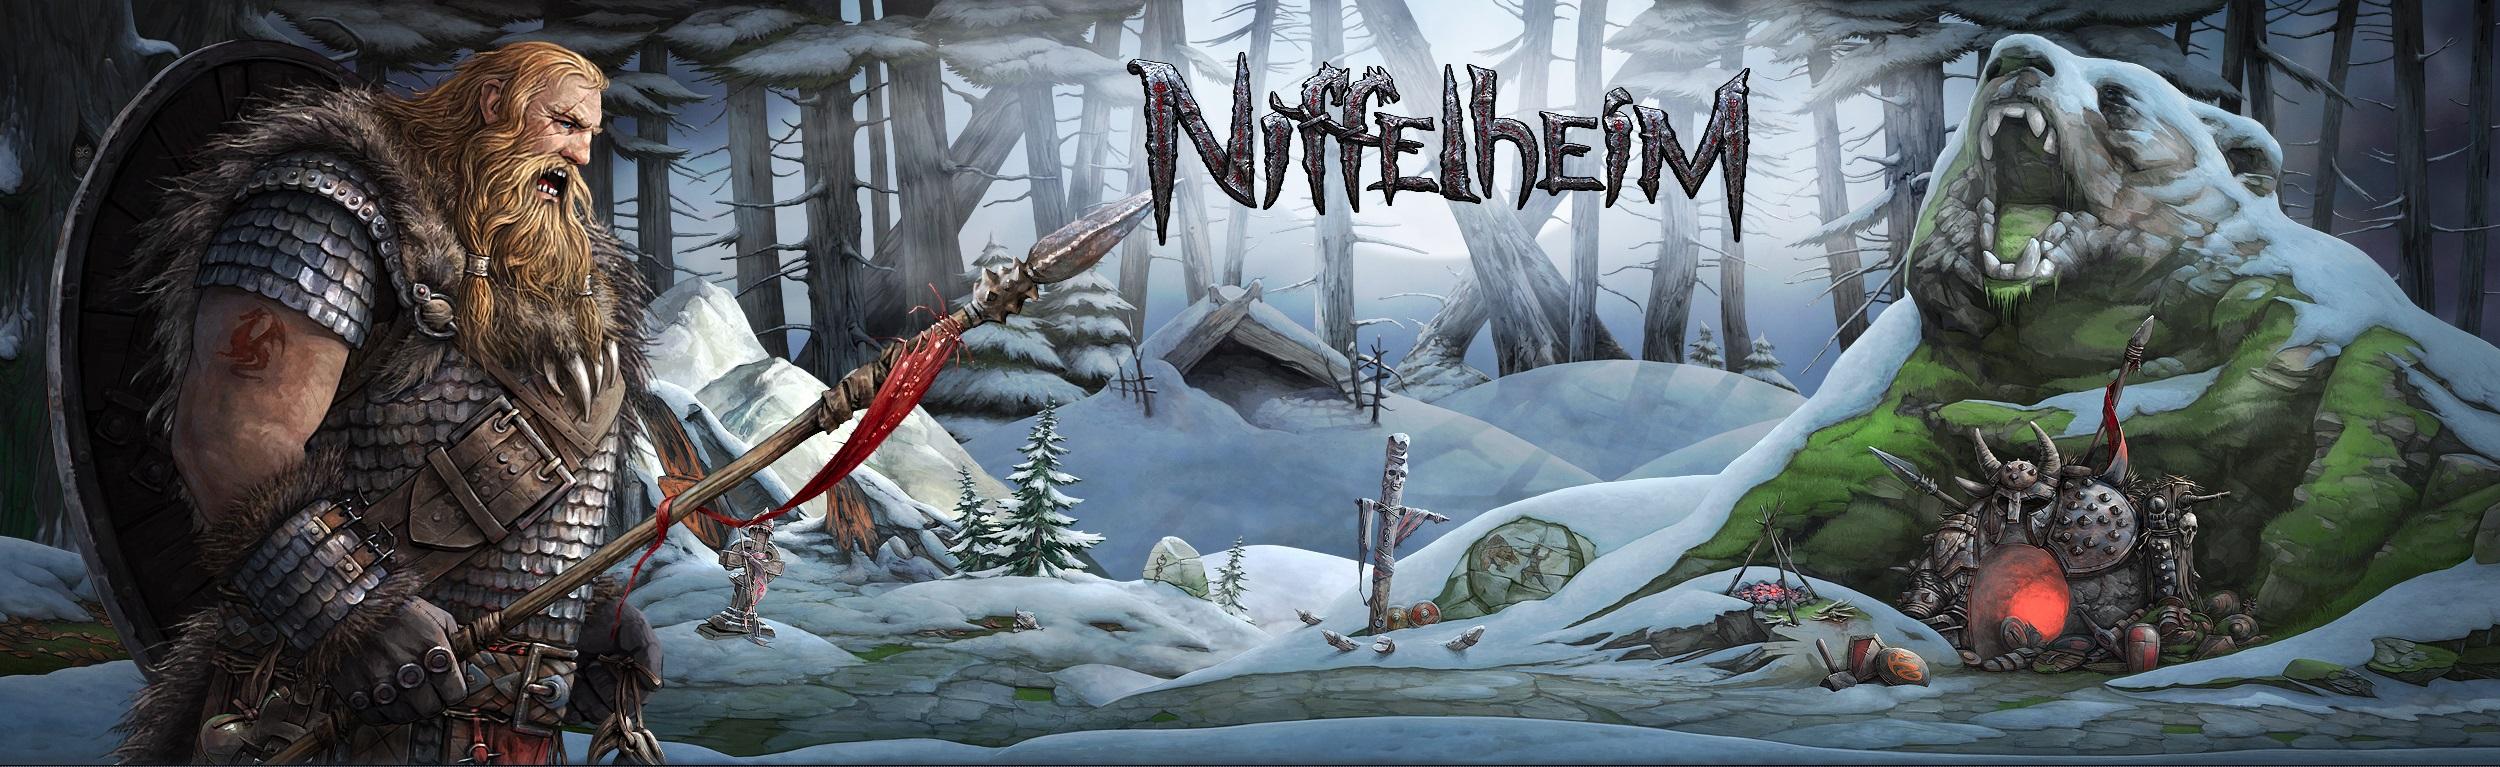 PS4 için Niffelheim İnceleme - Ben Bir Survivor 1